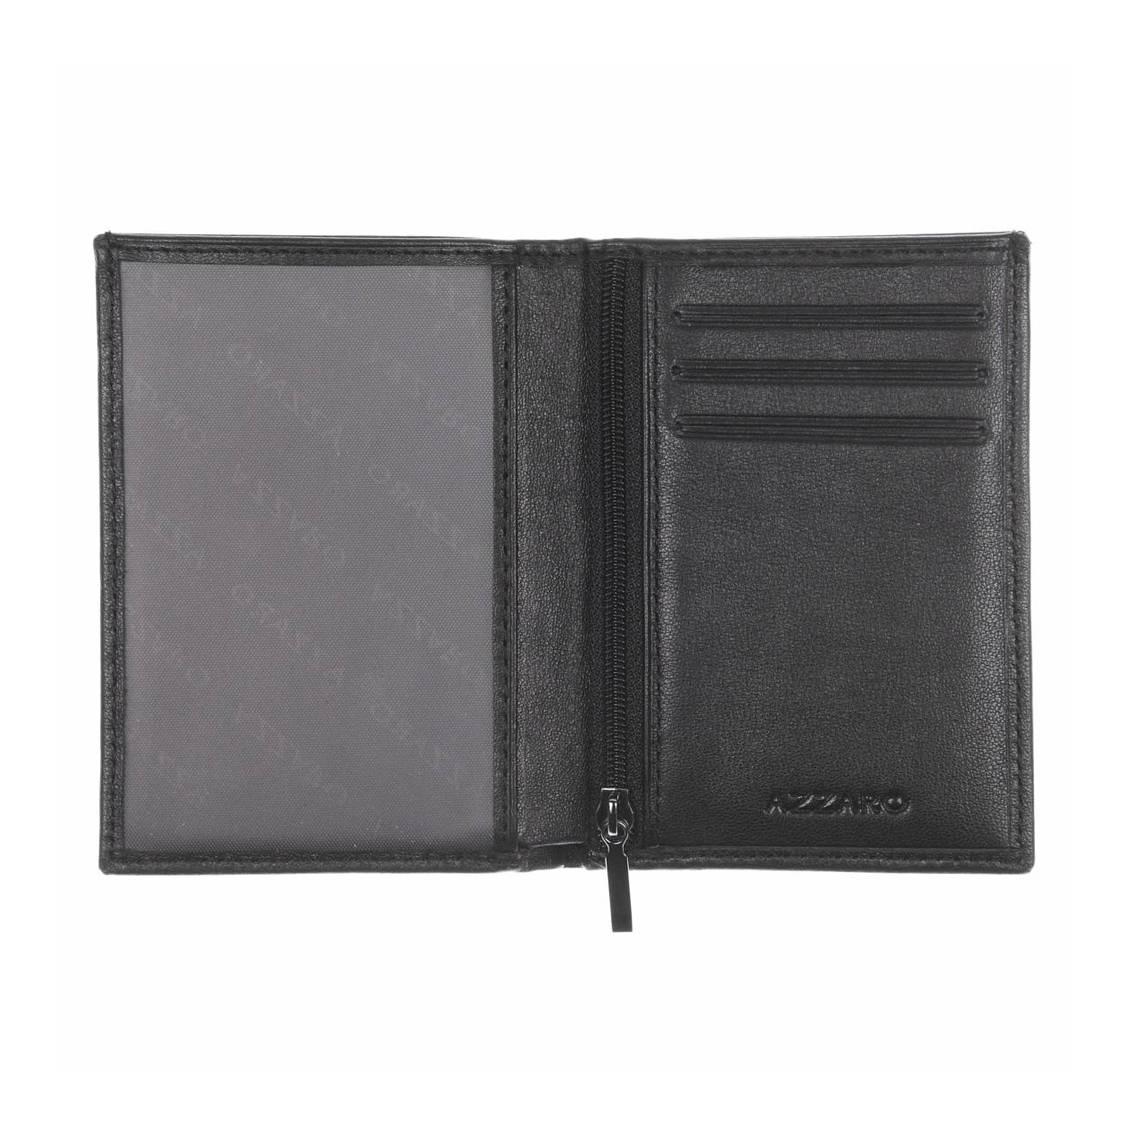 petit portefeuille azzaro en cuir lisse noir rue des hommes. Black Bedroom Furniture Sets. Home Design Ideas